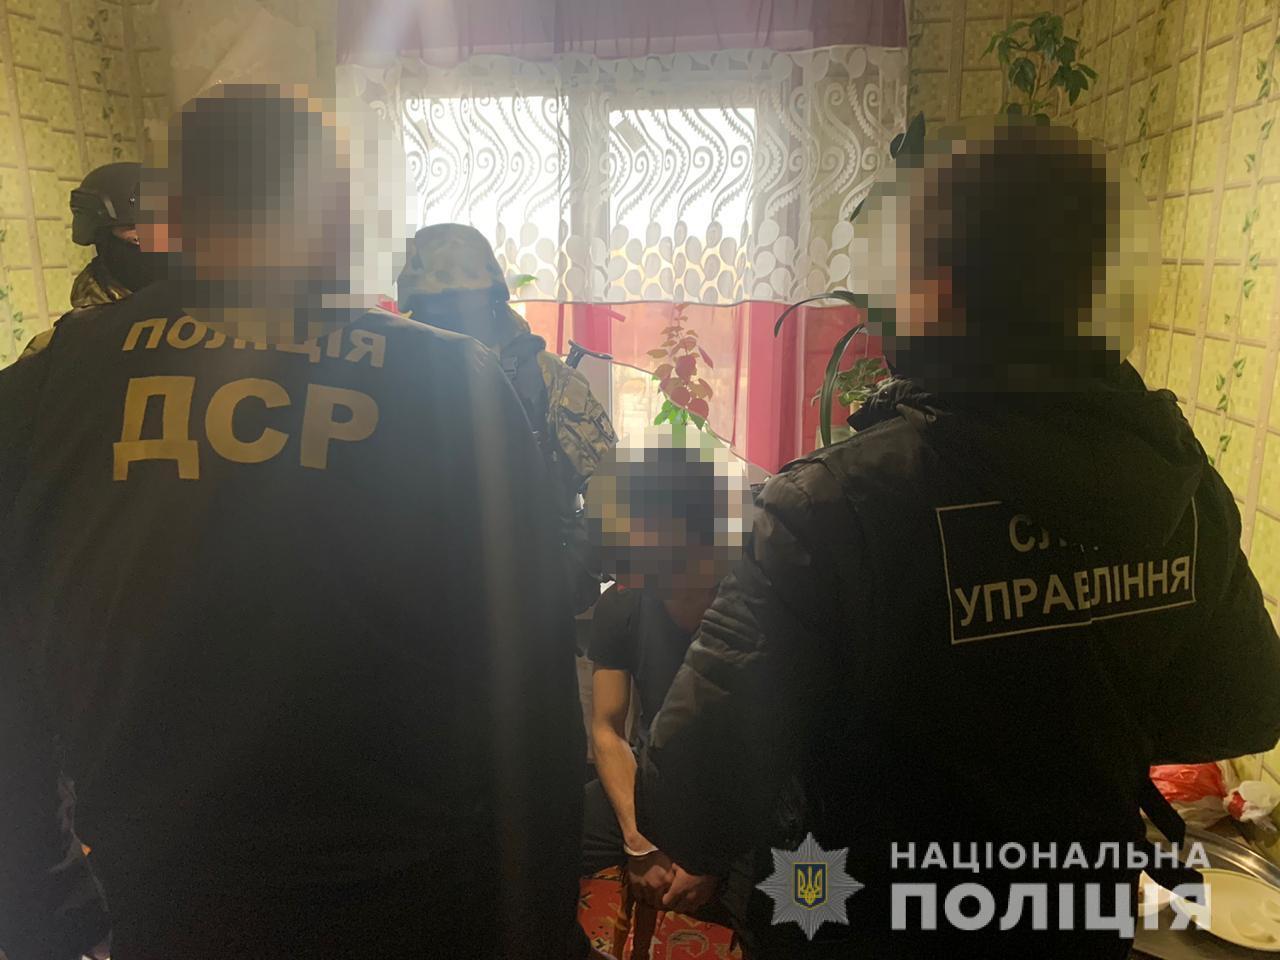 В Одессе полиция задержала членов опасной этнической банды